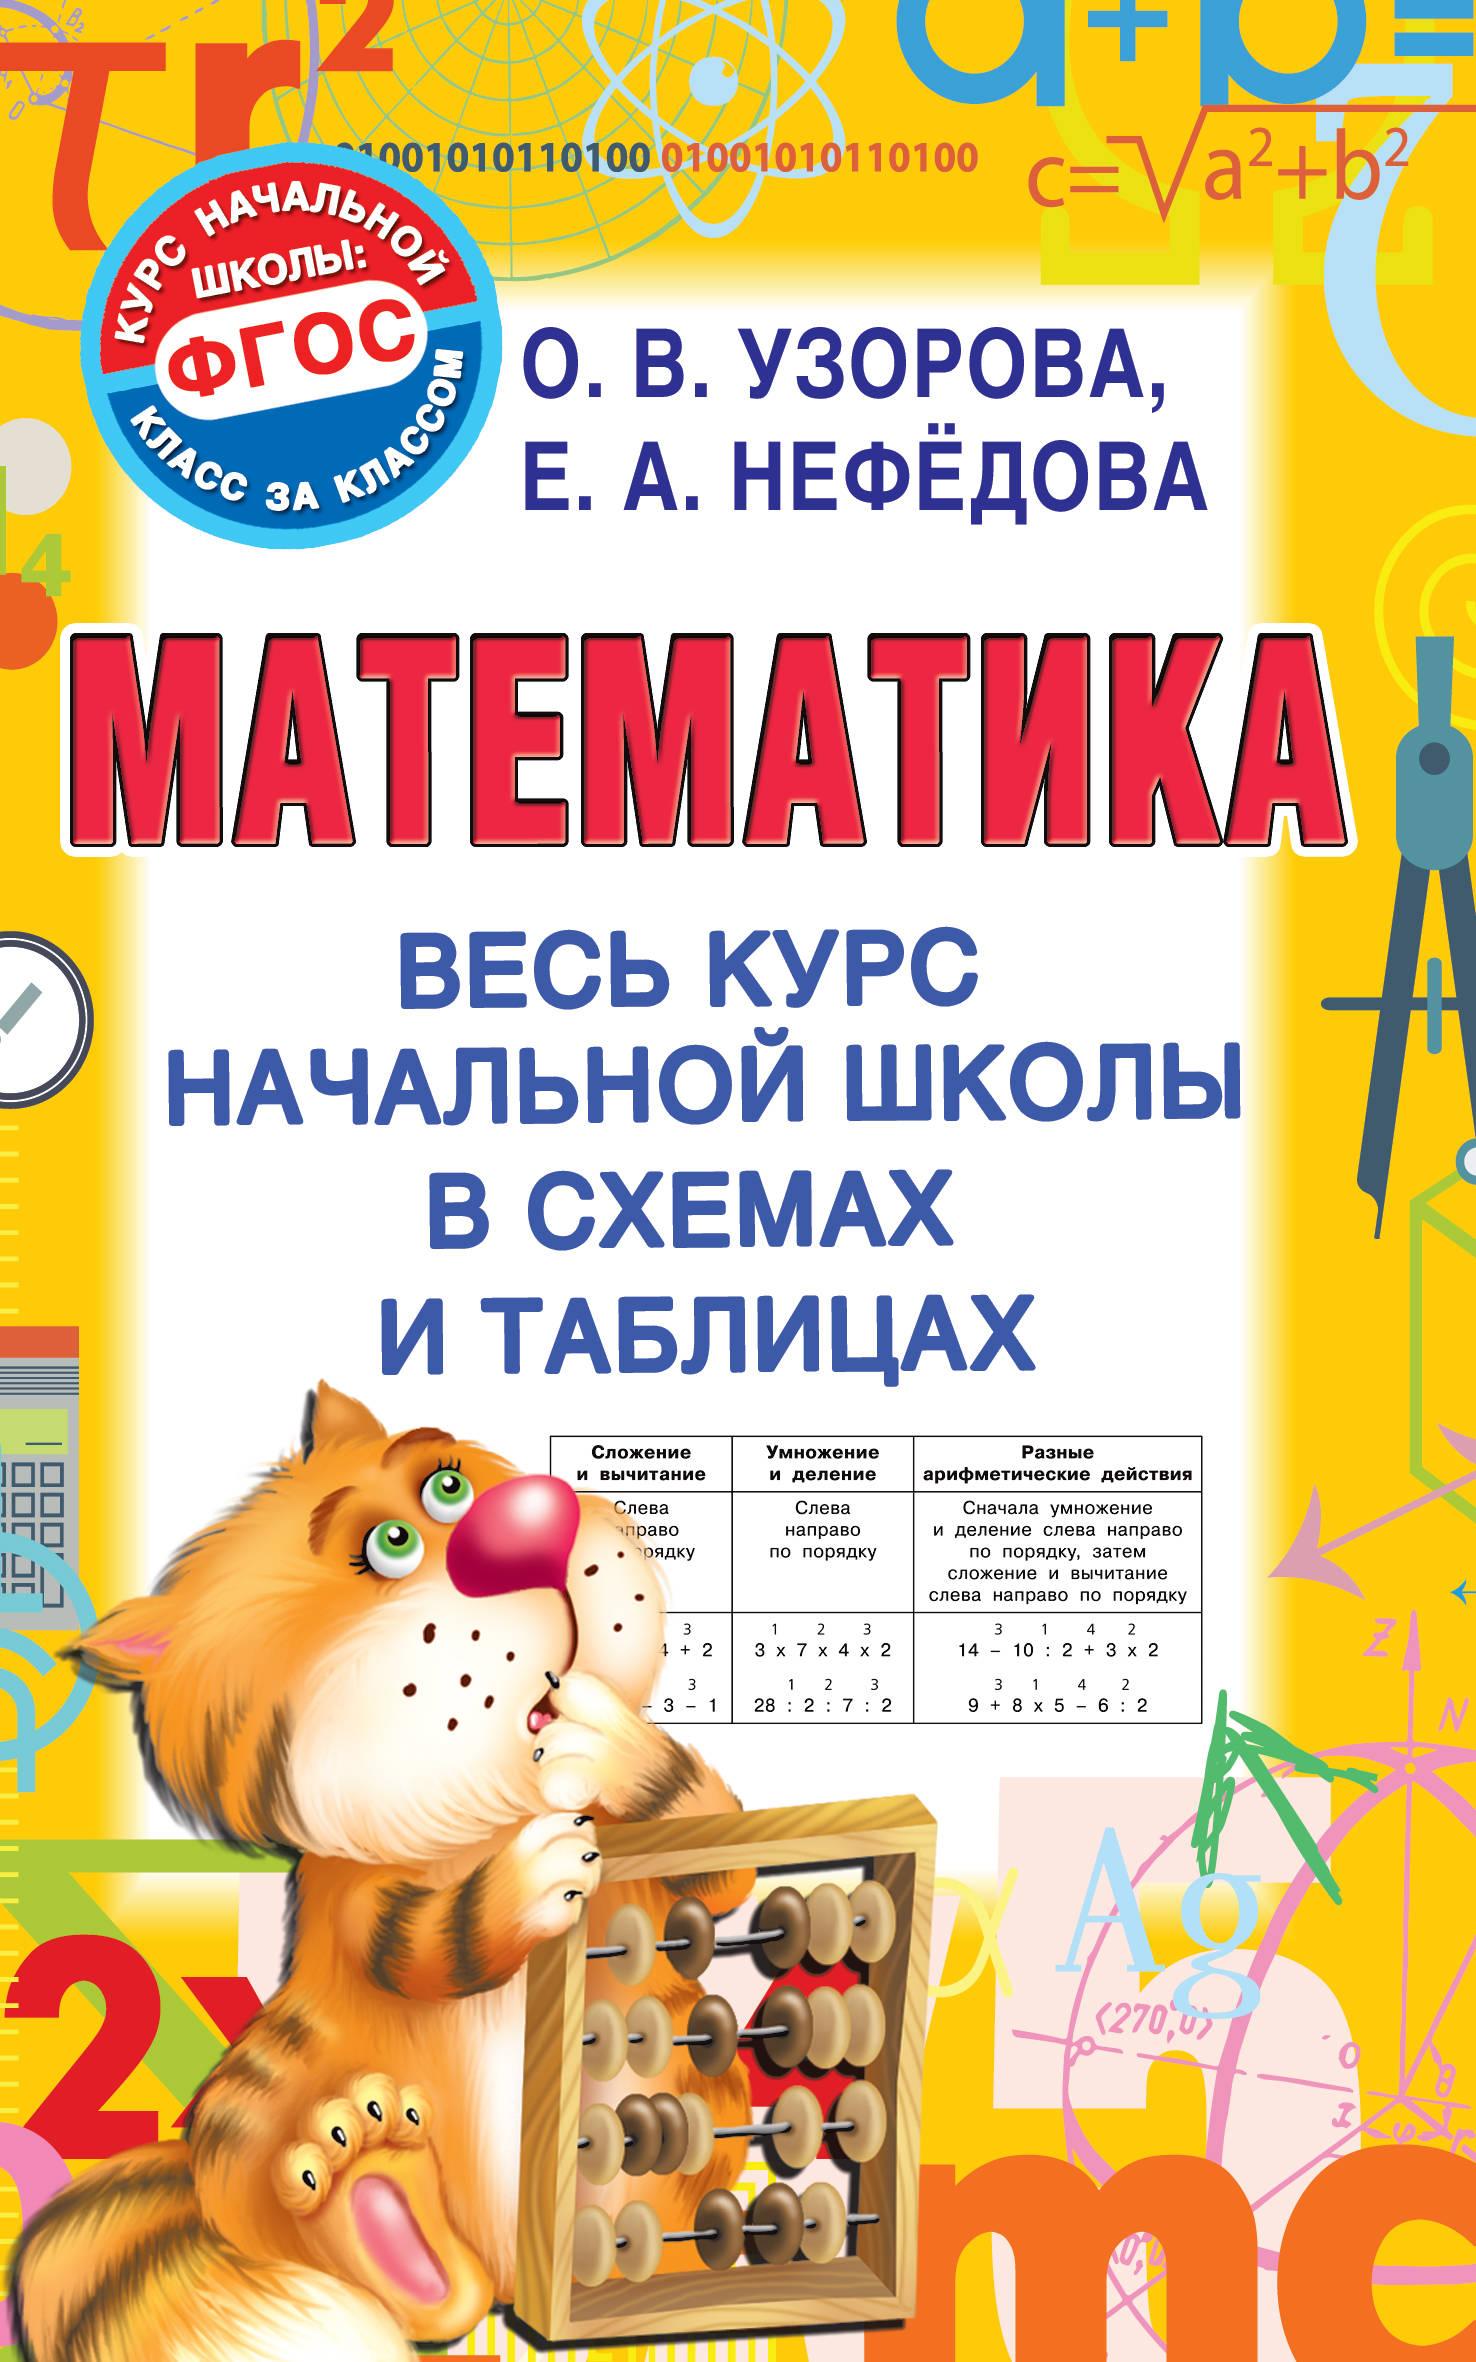 Математика: Весь курс начальной школы в схемах и таблицах